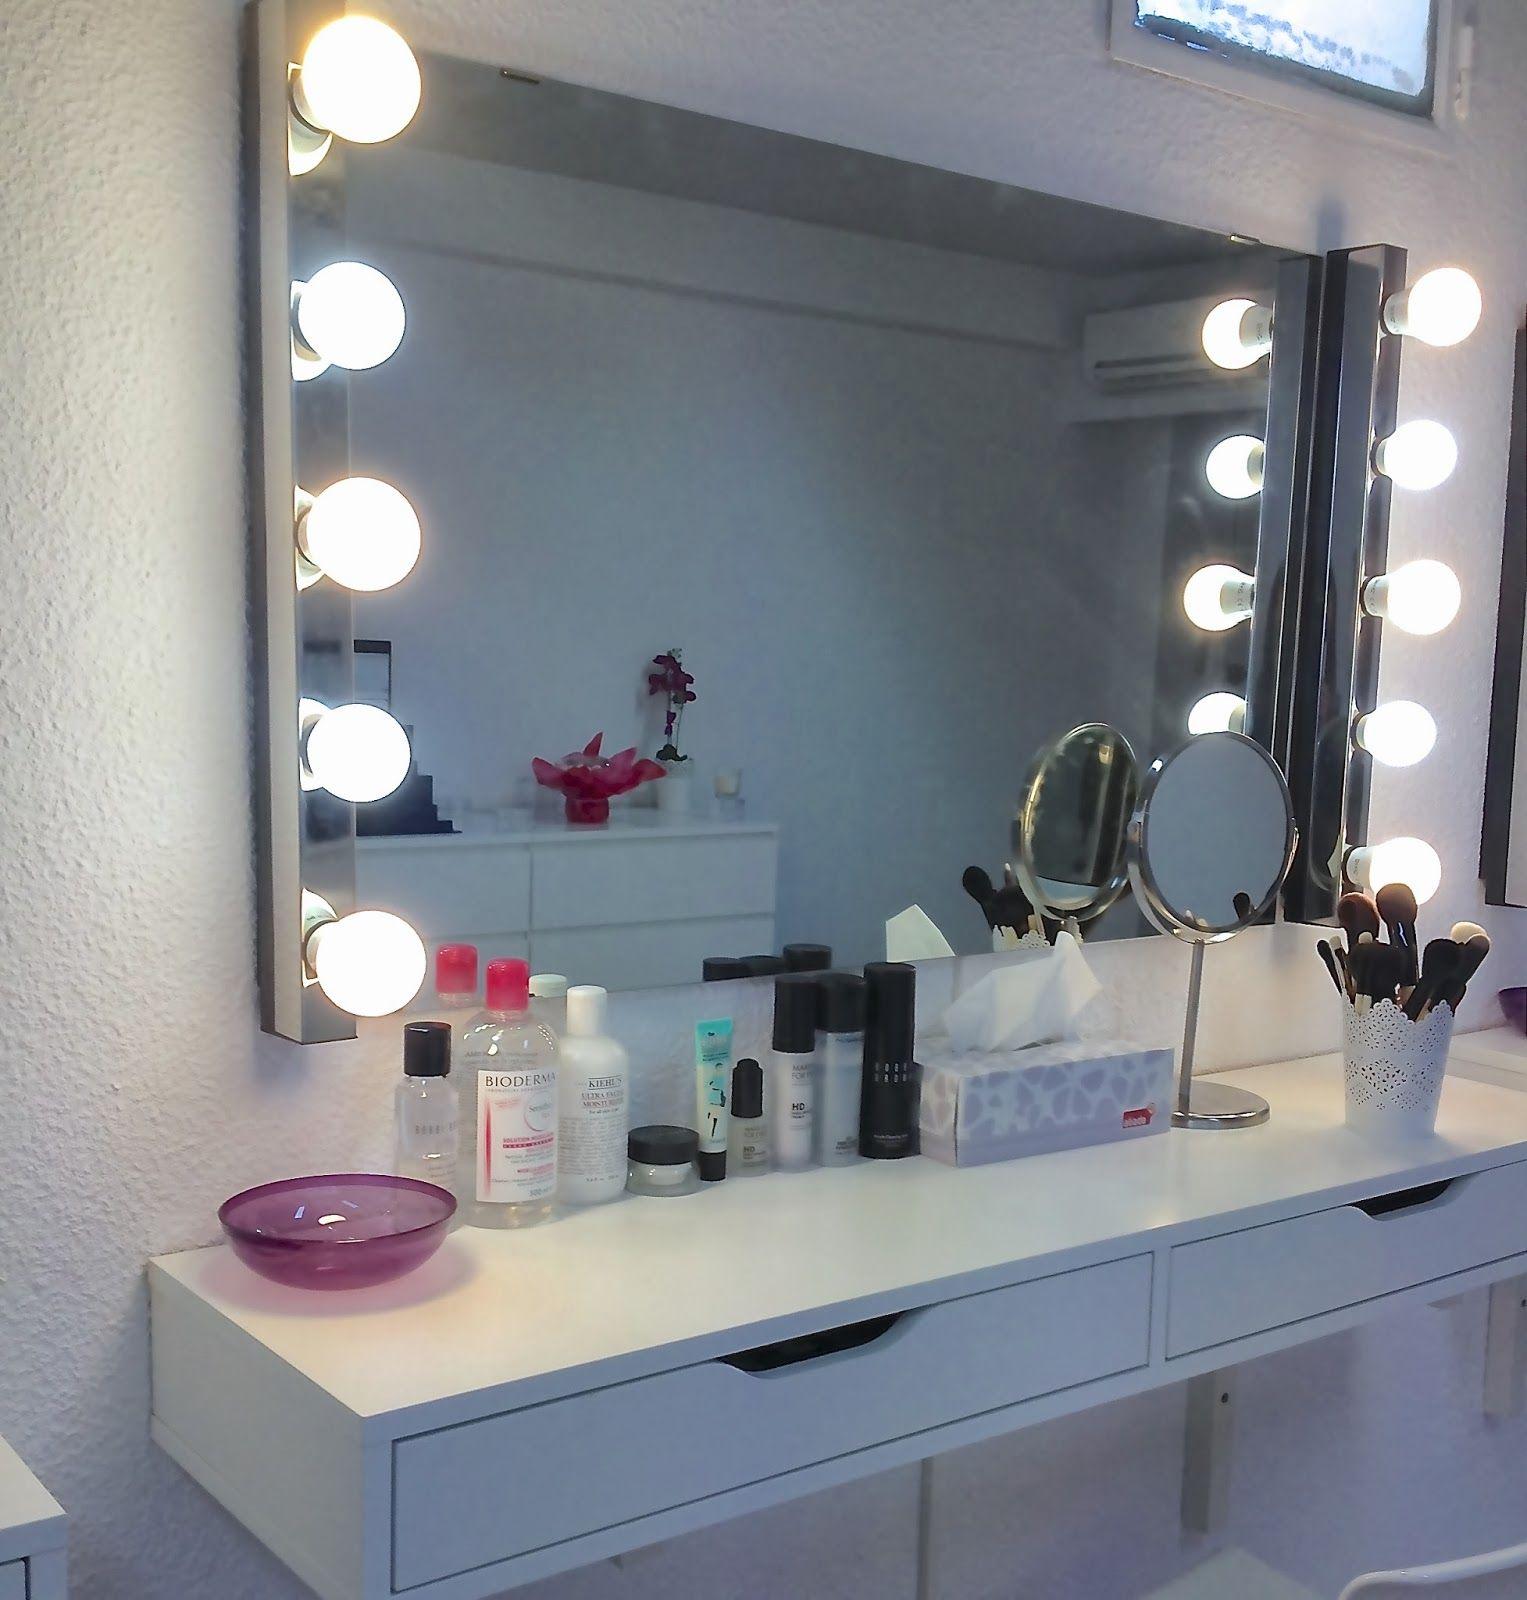 M s de 25 ideas incre bles sobre espejos con luz en - Espejos con luces ...